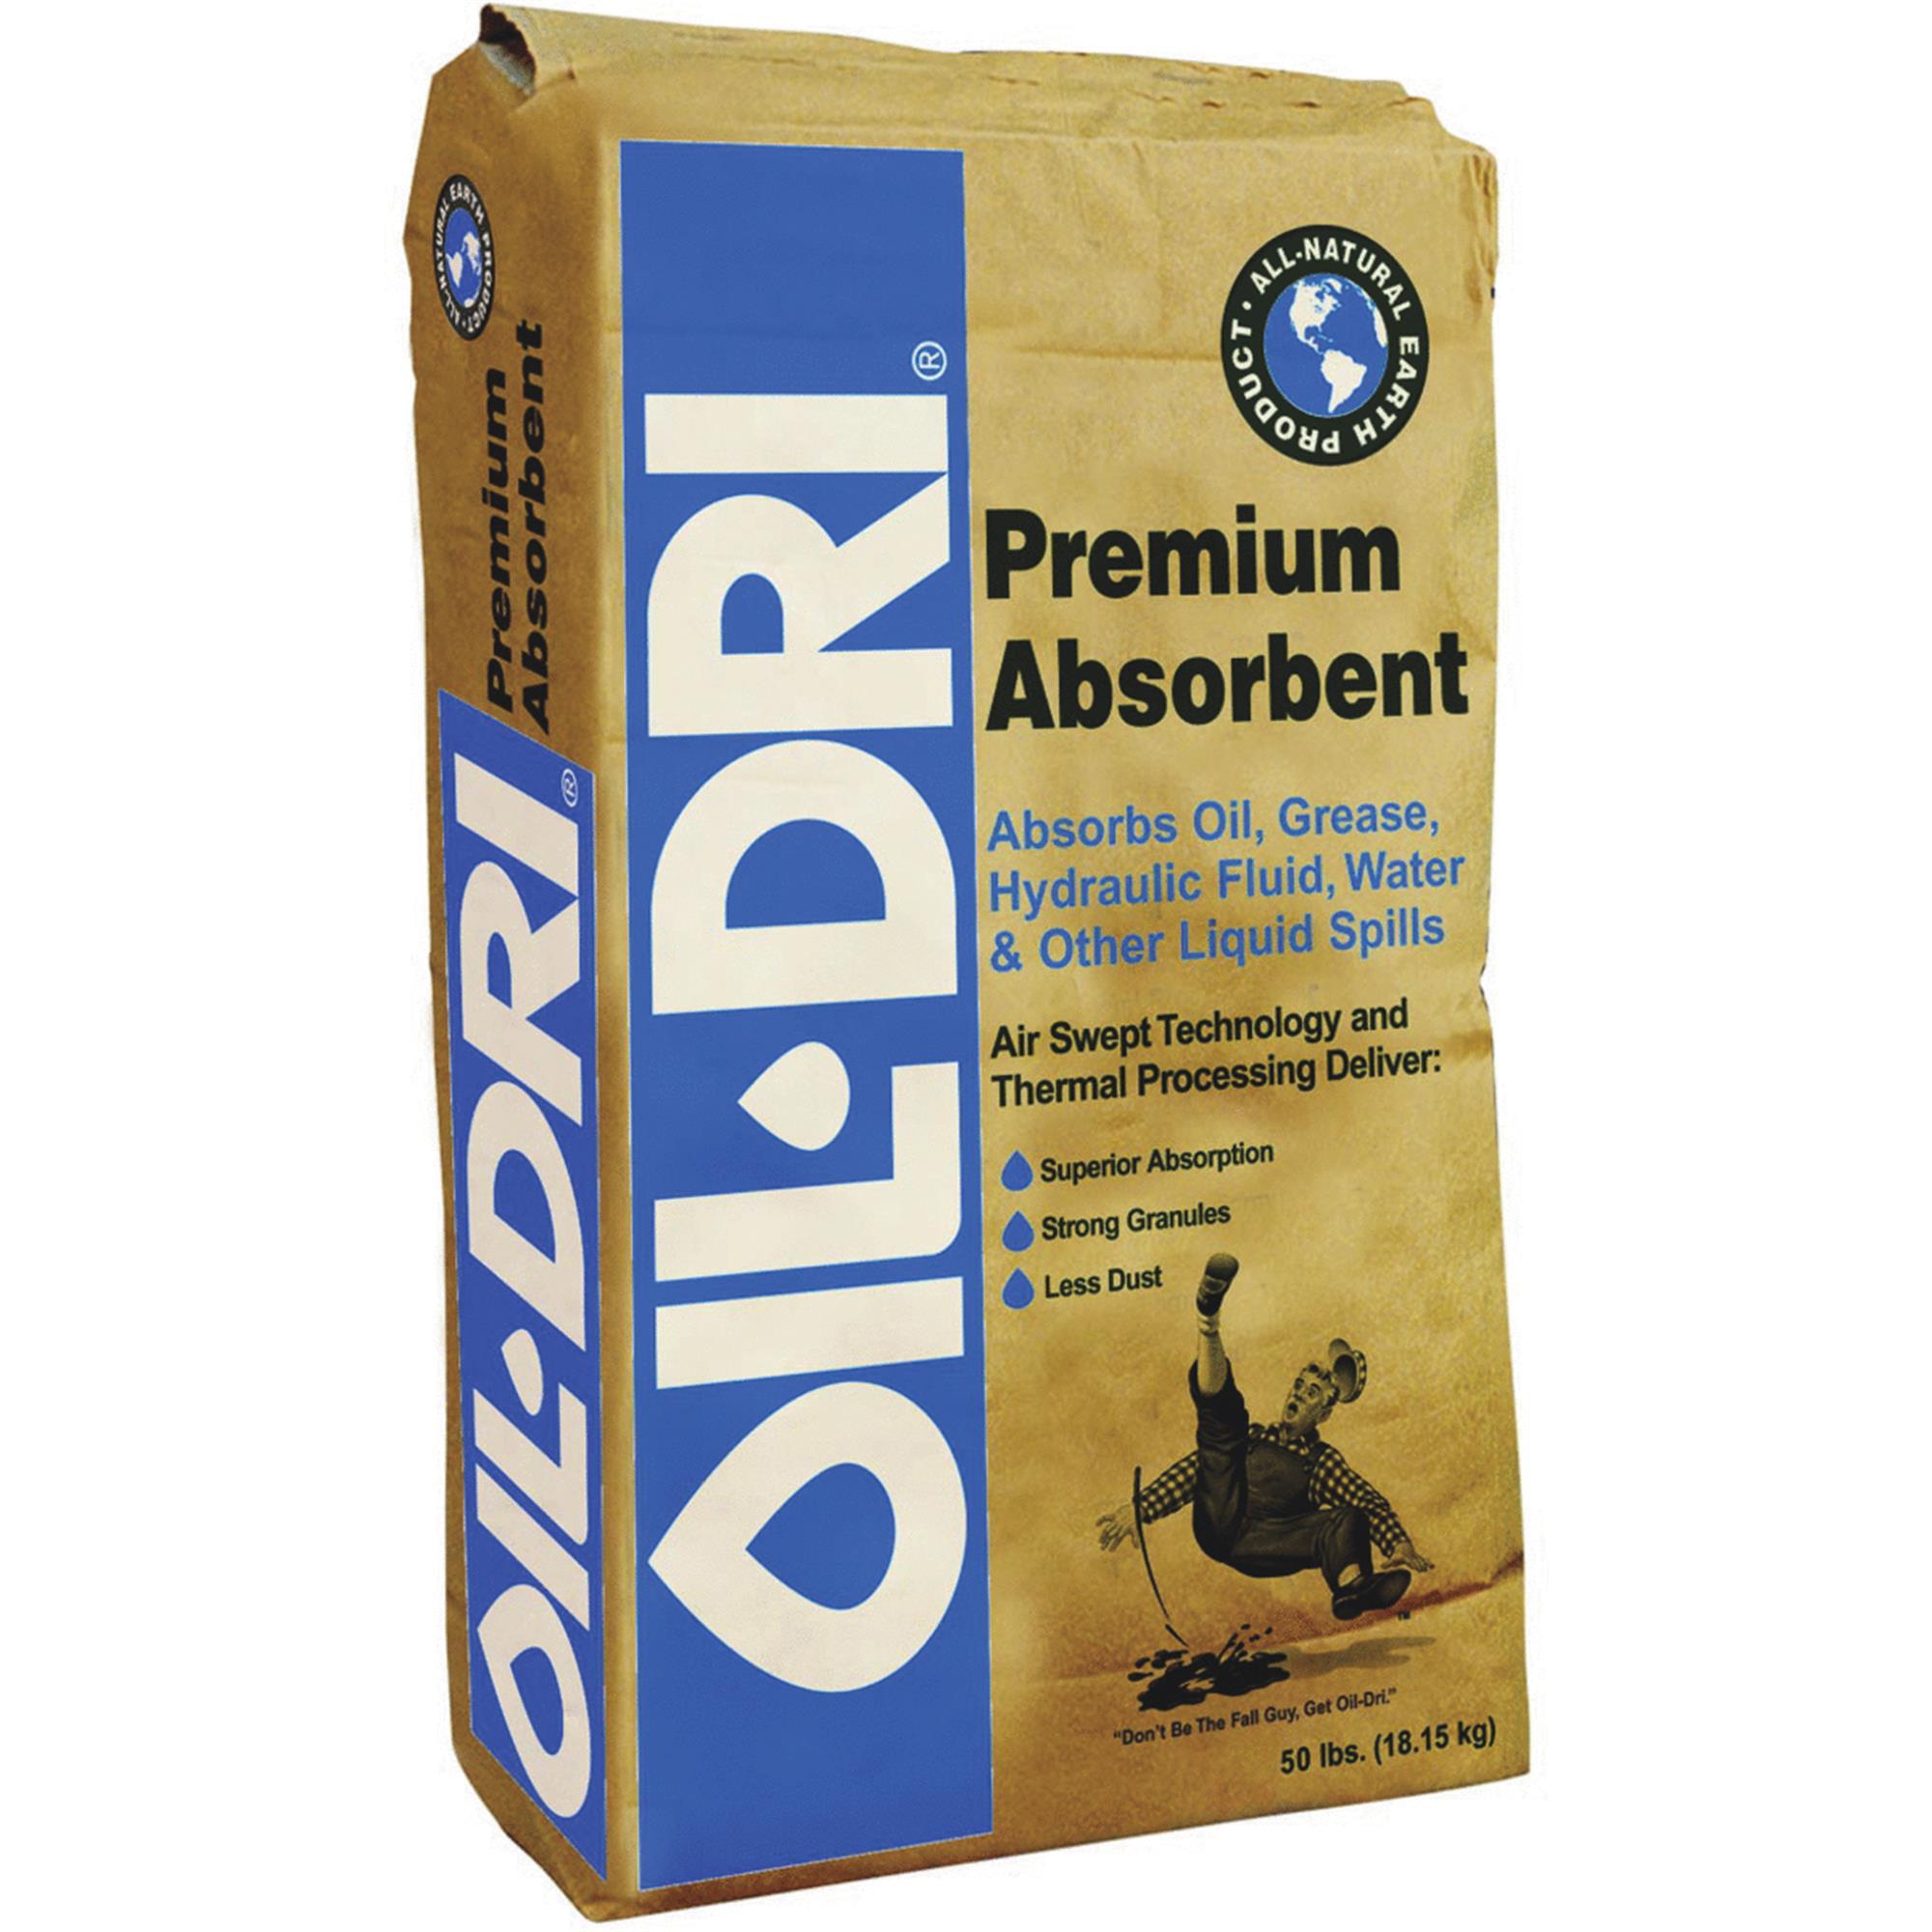 Oil Dri Oil Absorbent